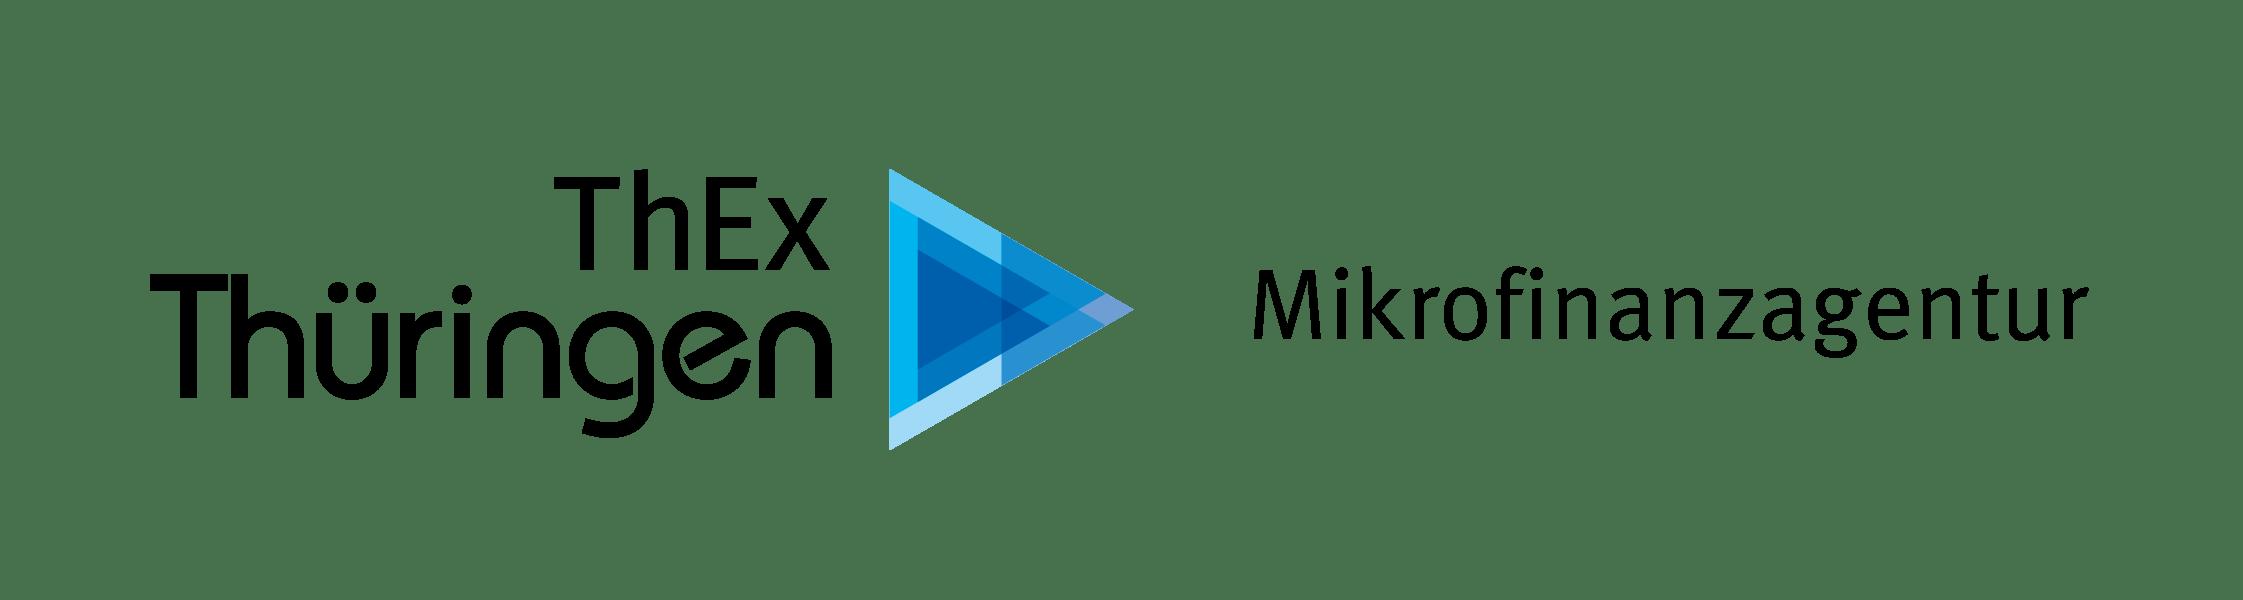 ThEx Mikrofinanzagentur